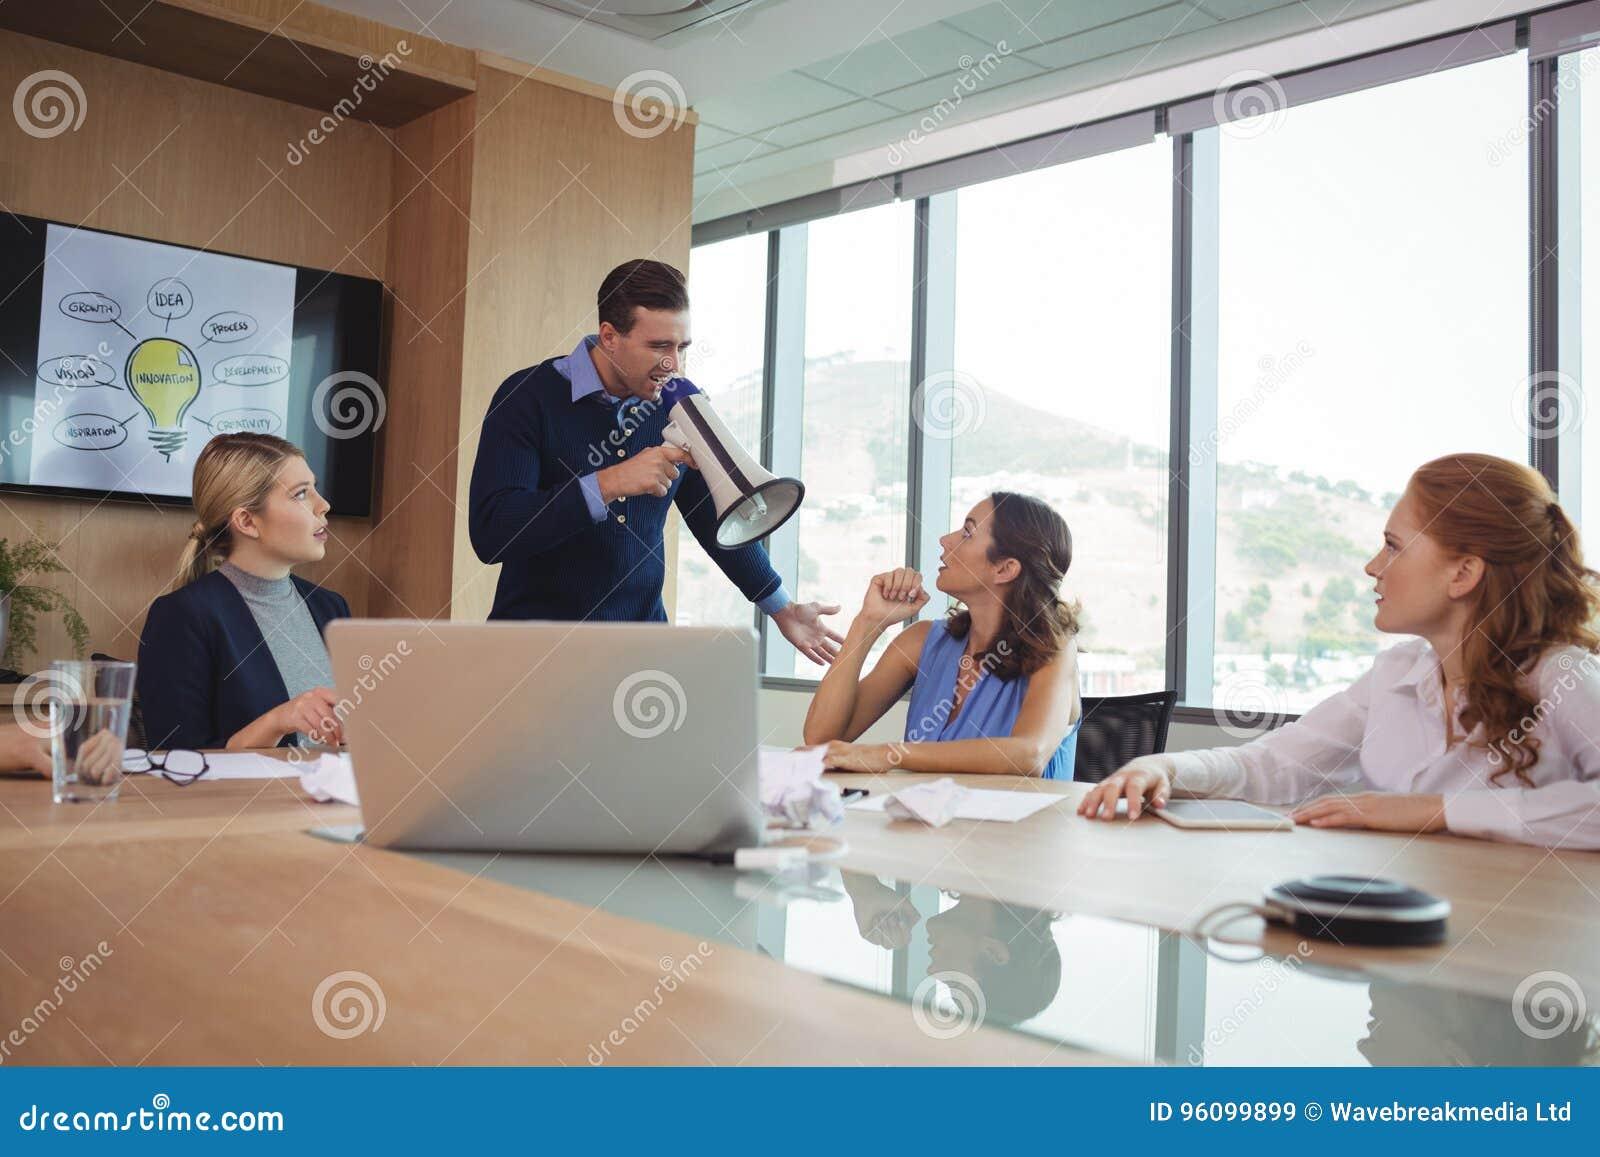 Boze zakenman die megafoon in conferentieruimte met behulp van